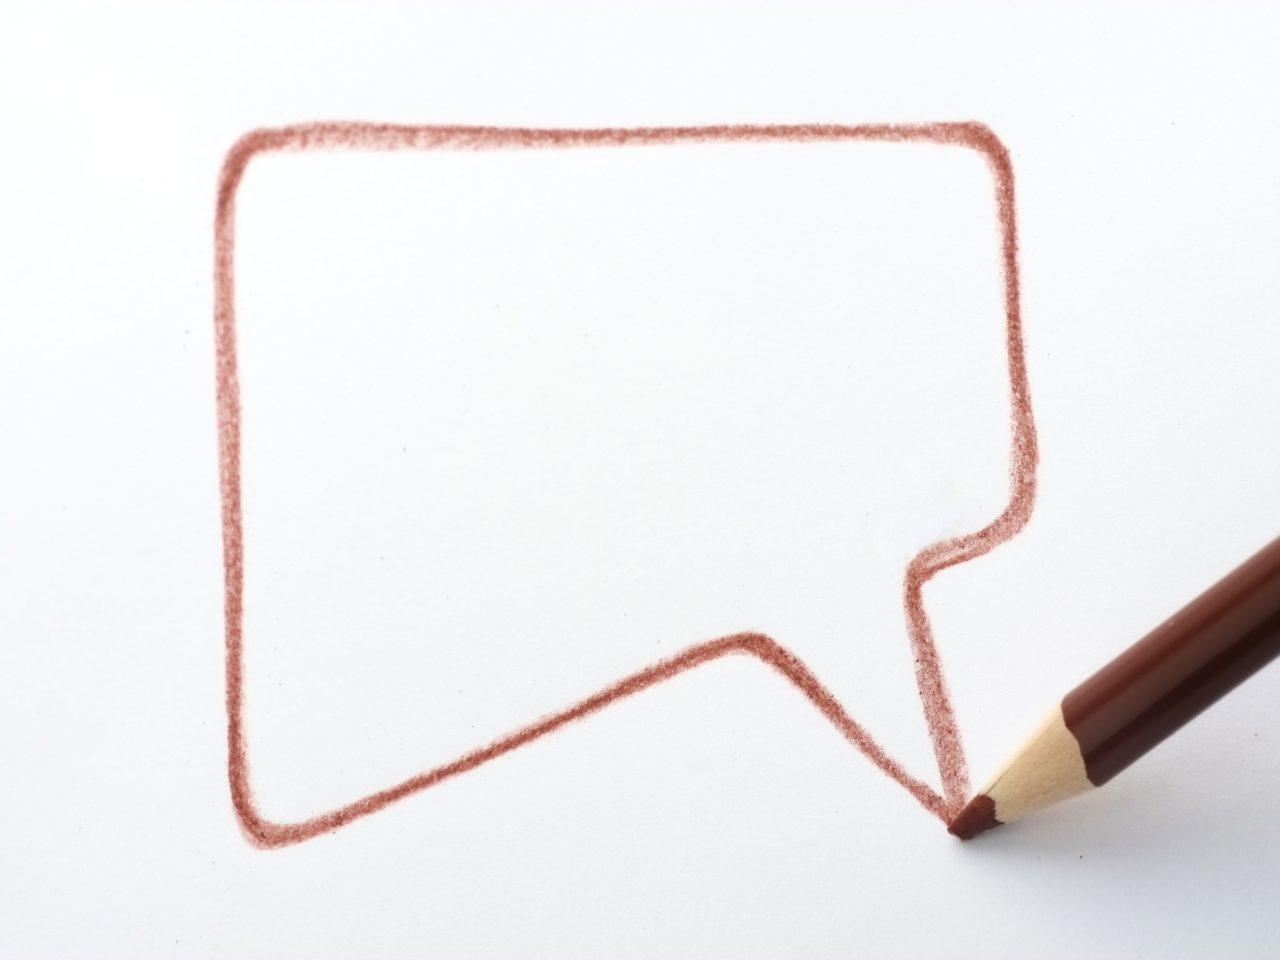 インスタの消えるメッセージモードができない&ならない場合の対処法は?【Instagram】のサムネイル画像